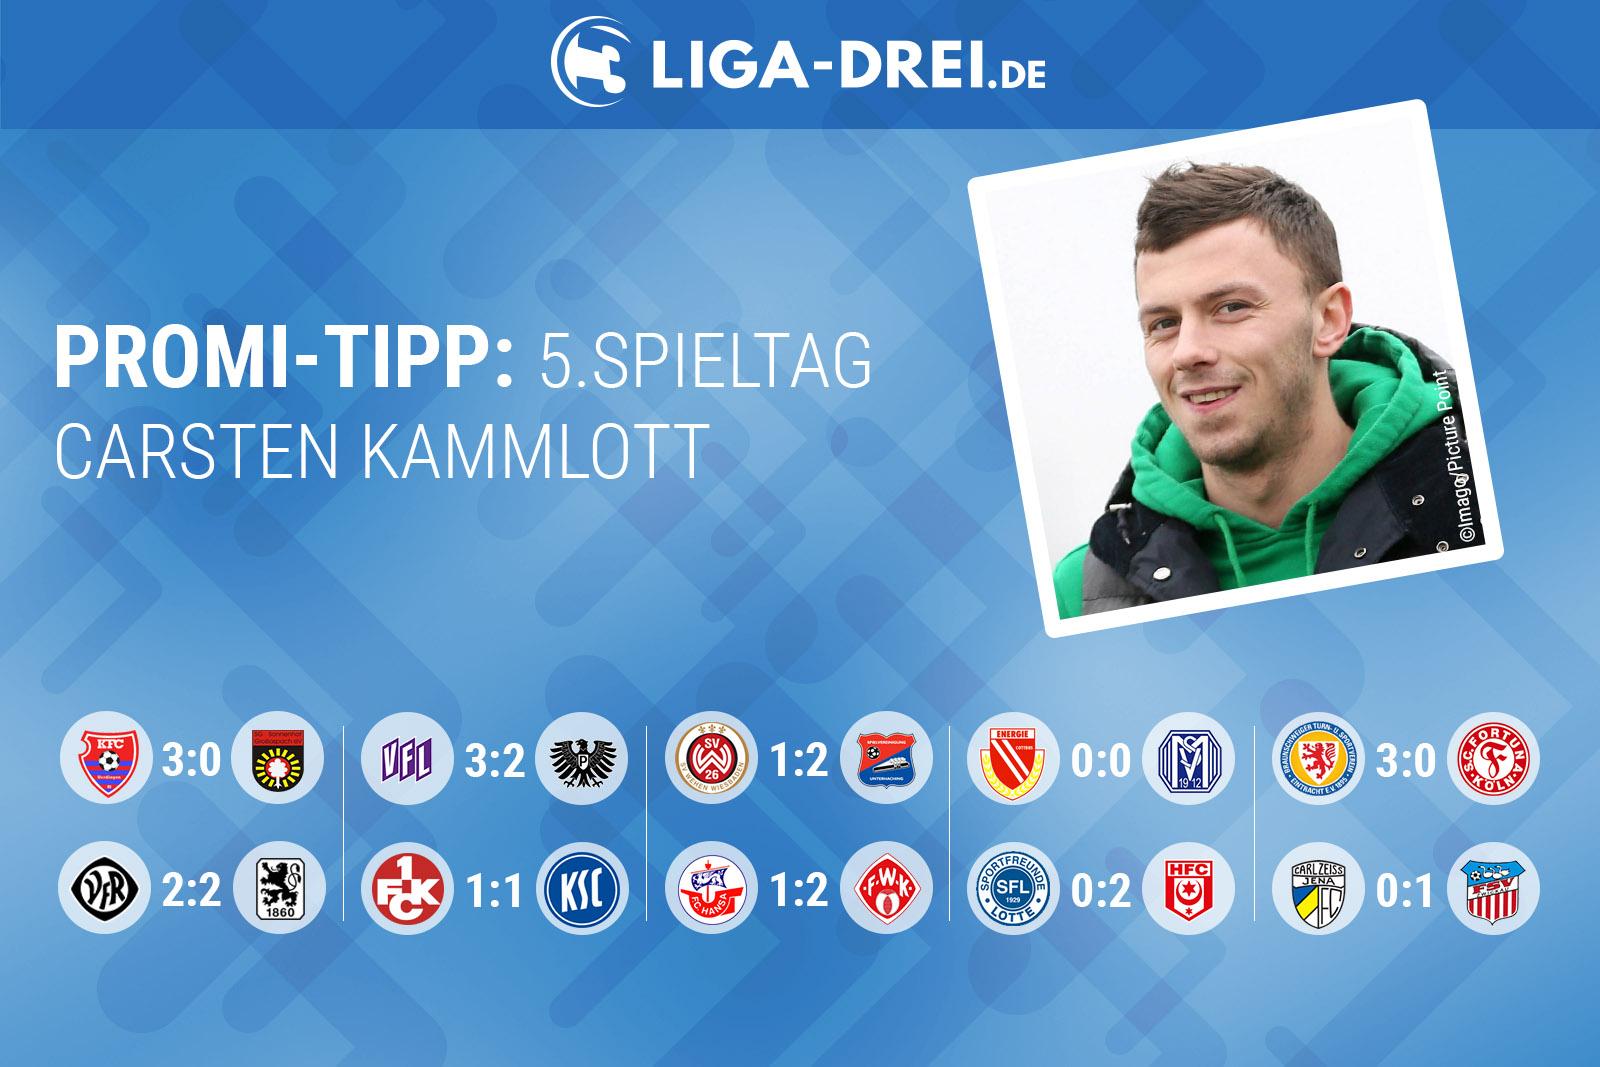 Carsten Kammlott beim Promi-Tipp von Liga-Drei.de